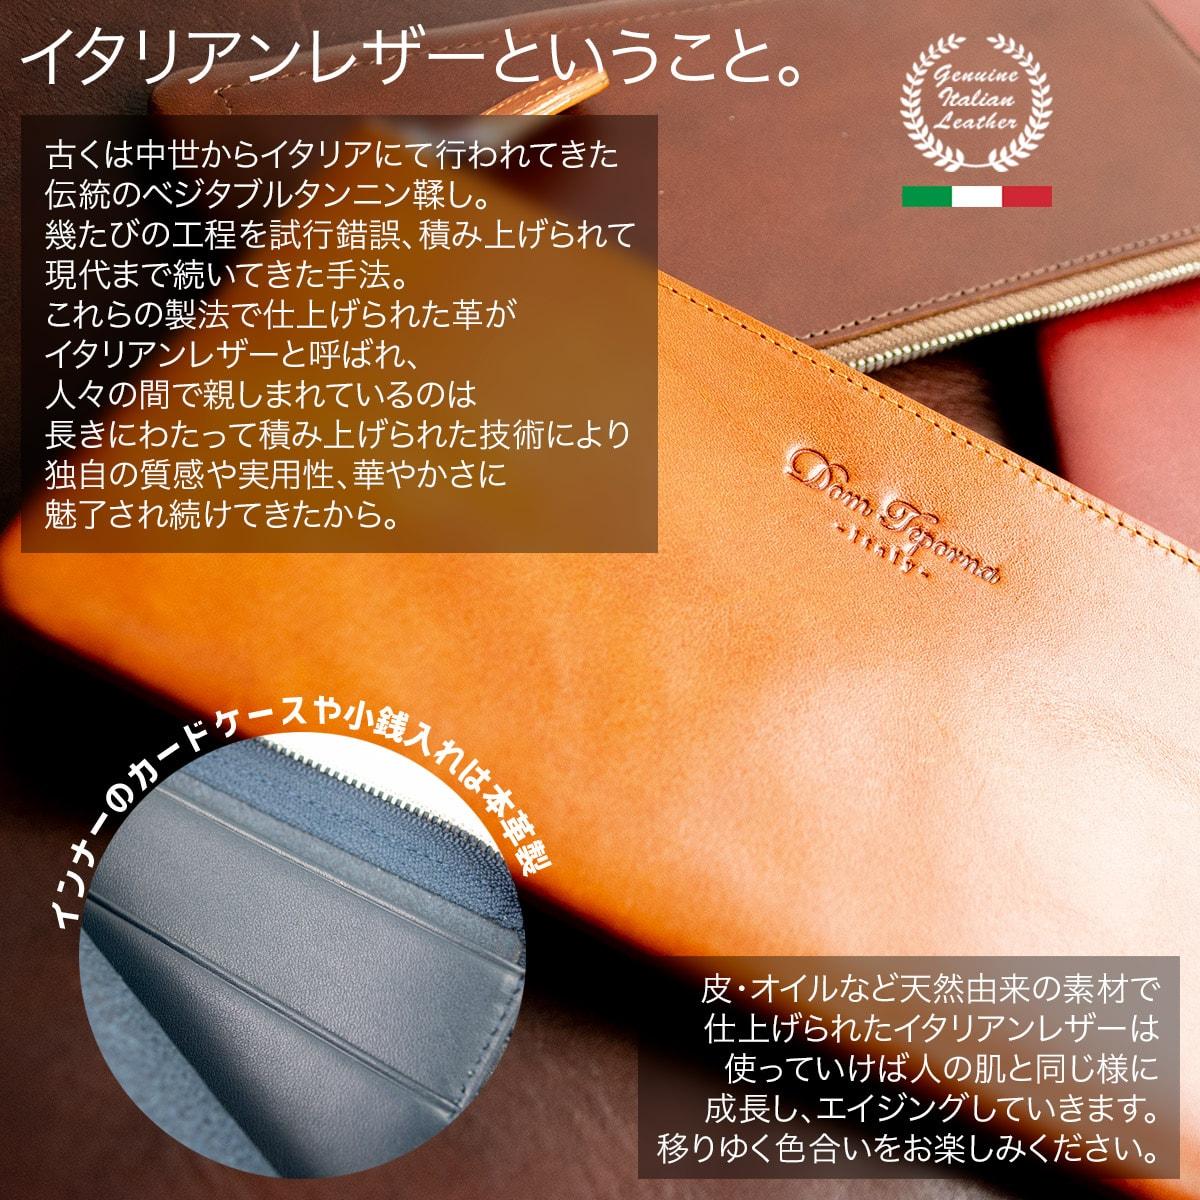 イタリアンレザーL字ラウンドファスナー財布